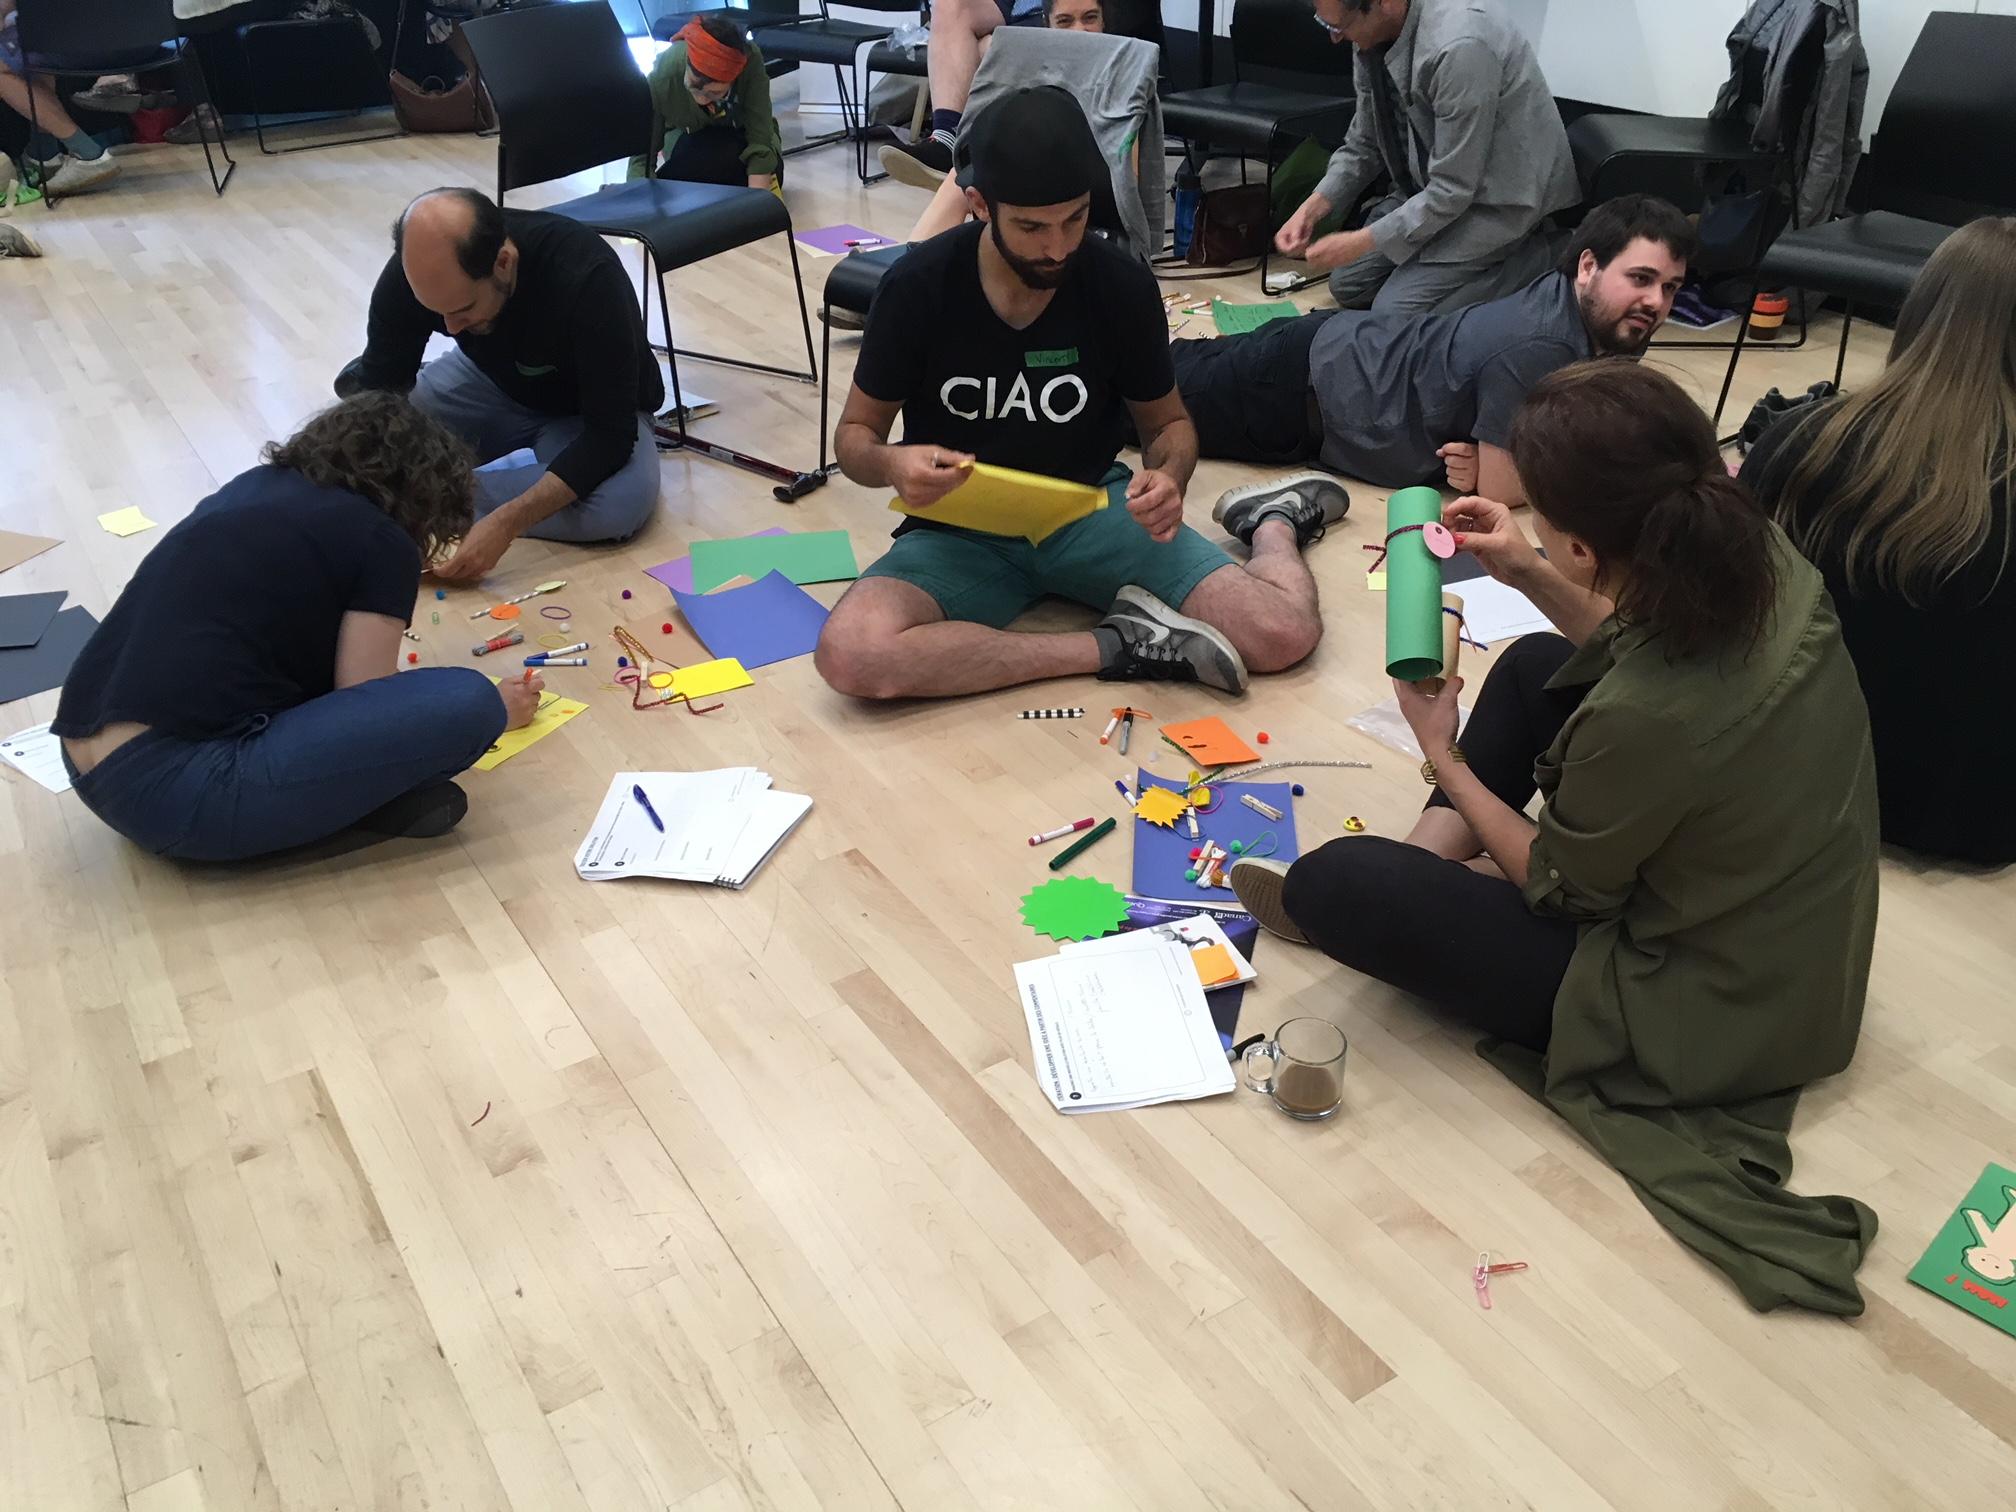 Carrefour international de théâtre - Initiation au Design Thinking pour 40 compagnies et diffuseurs du secteur théâtral francophone. Découvrir le potentiel de créer des oeuvres en empathie avec le citoyen. Une collaboration avec Hanneke Ronken.#DesignThinking #innovation #arts